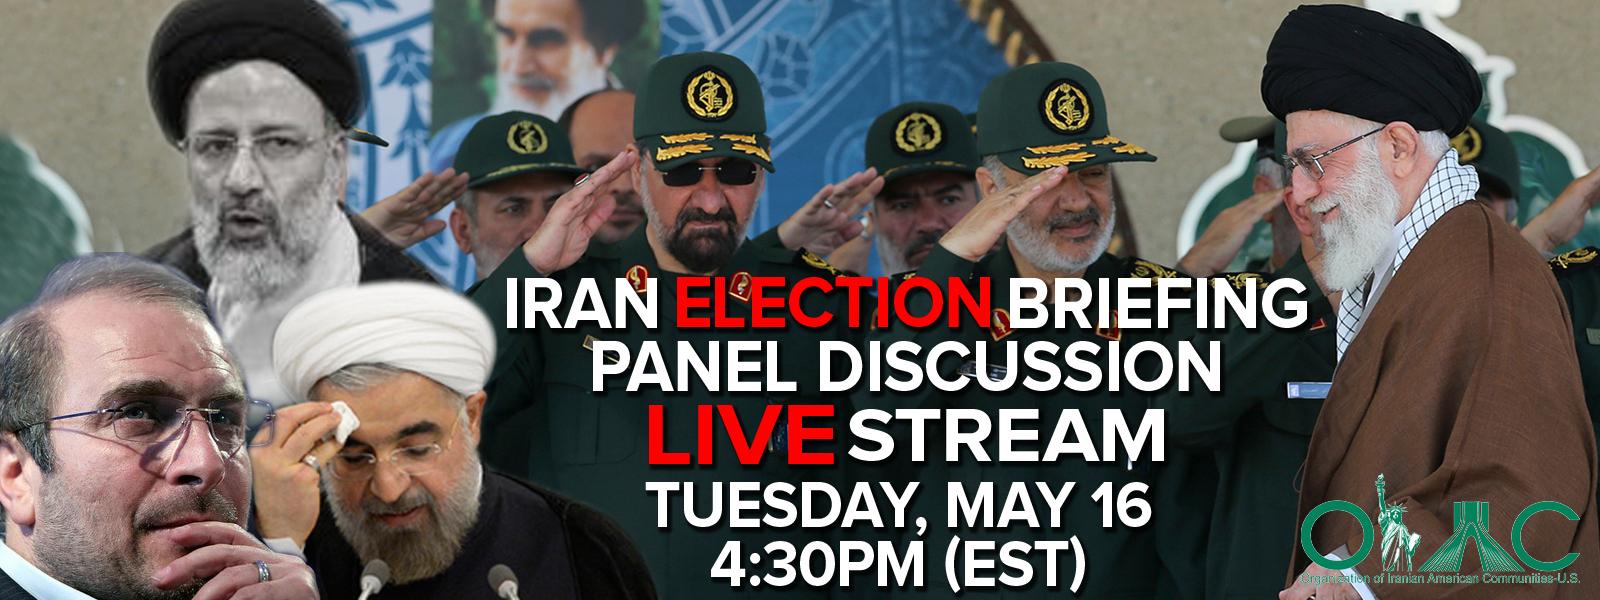 Iran Election Briefing